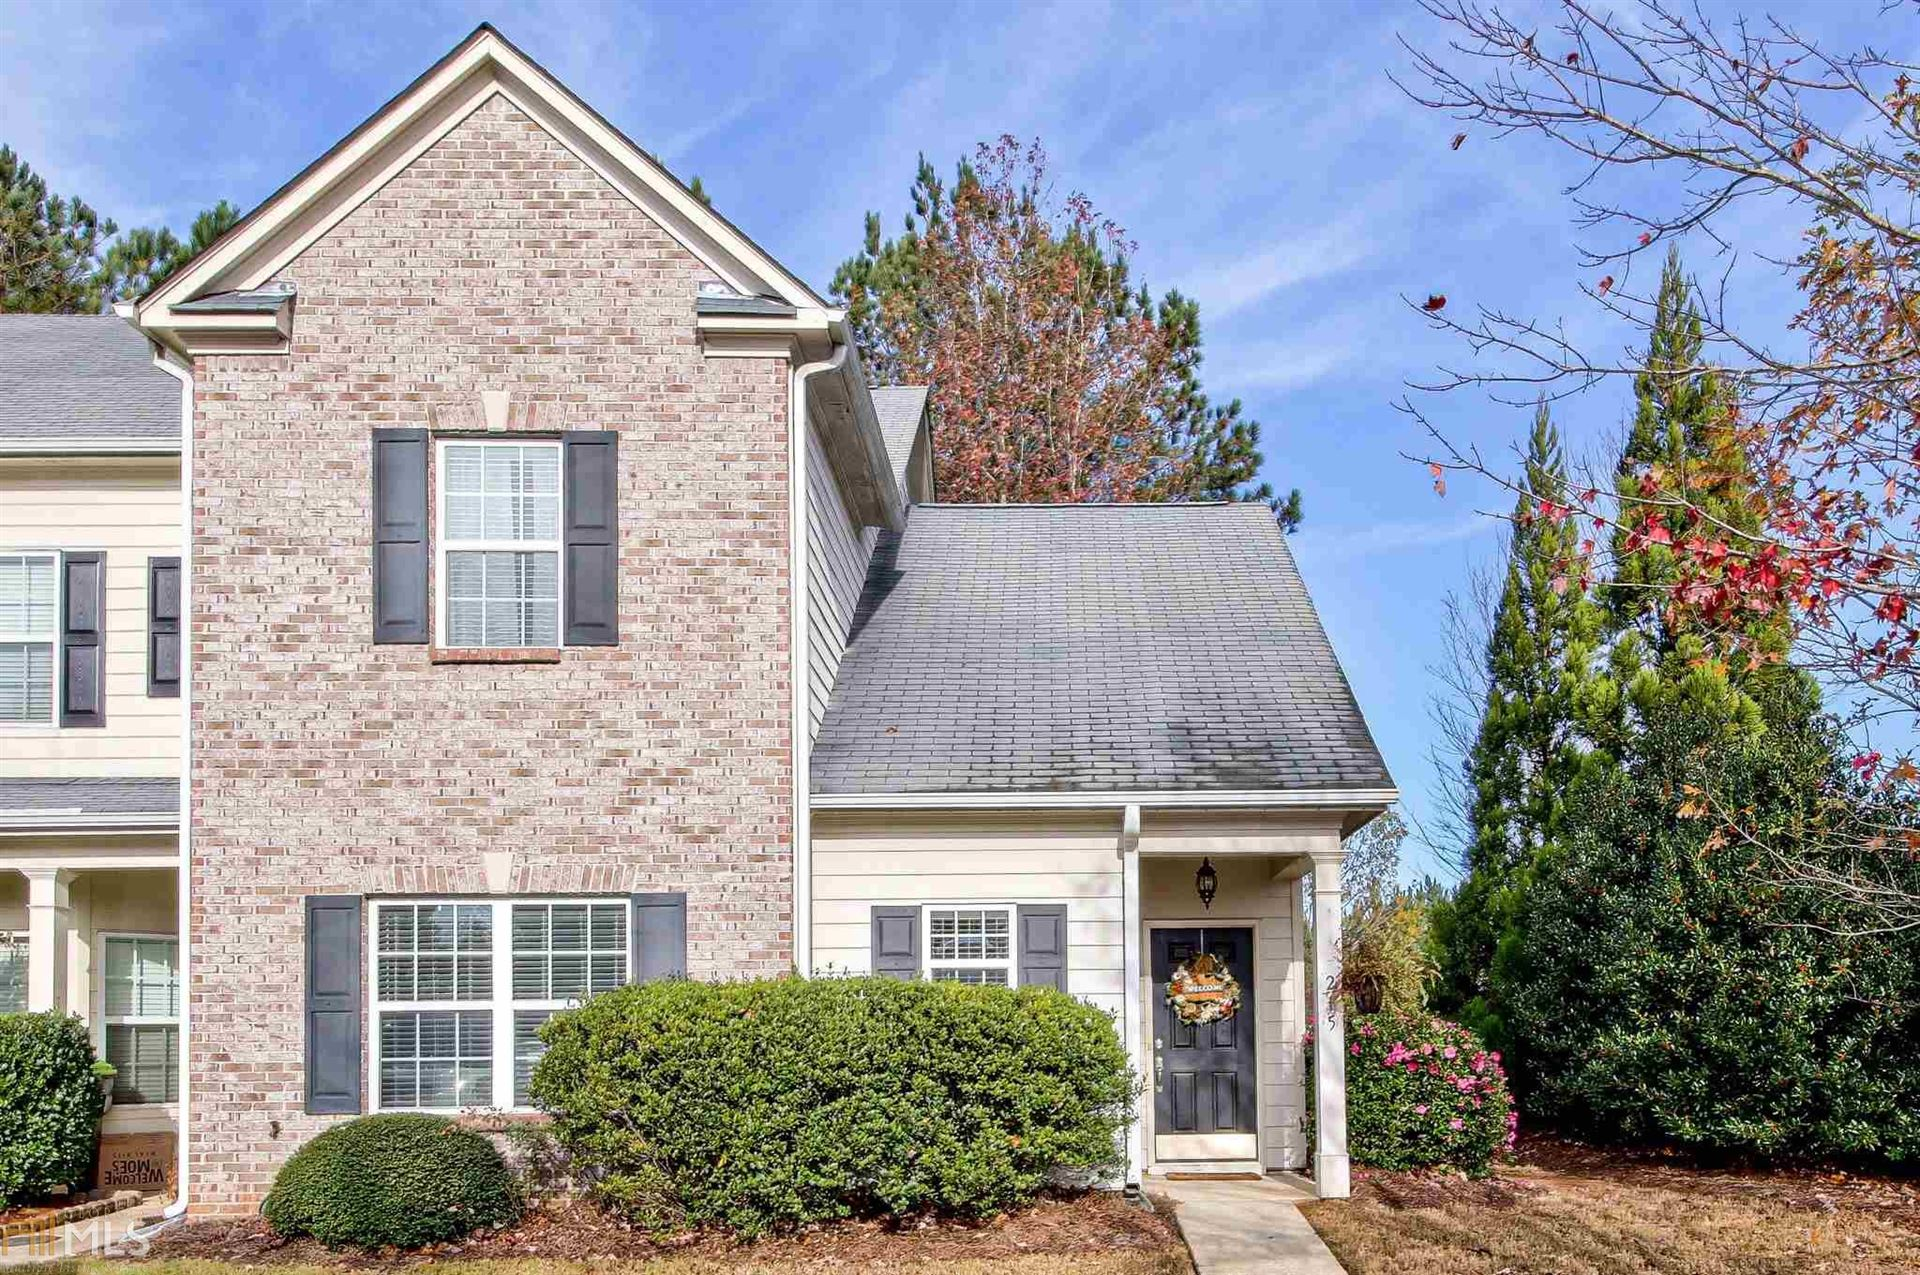 215 Granite Way, Newnan, GA 30265 - MLS#: 8894737